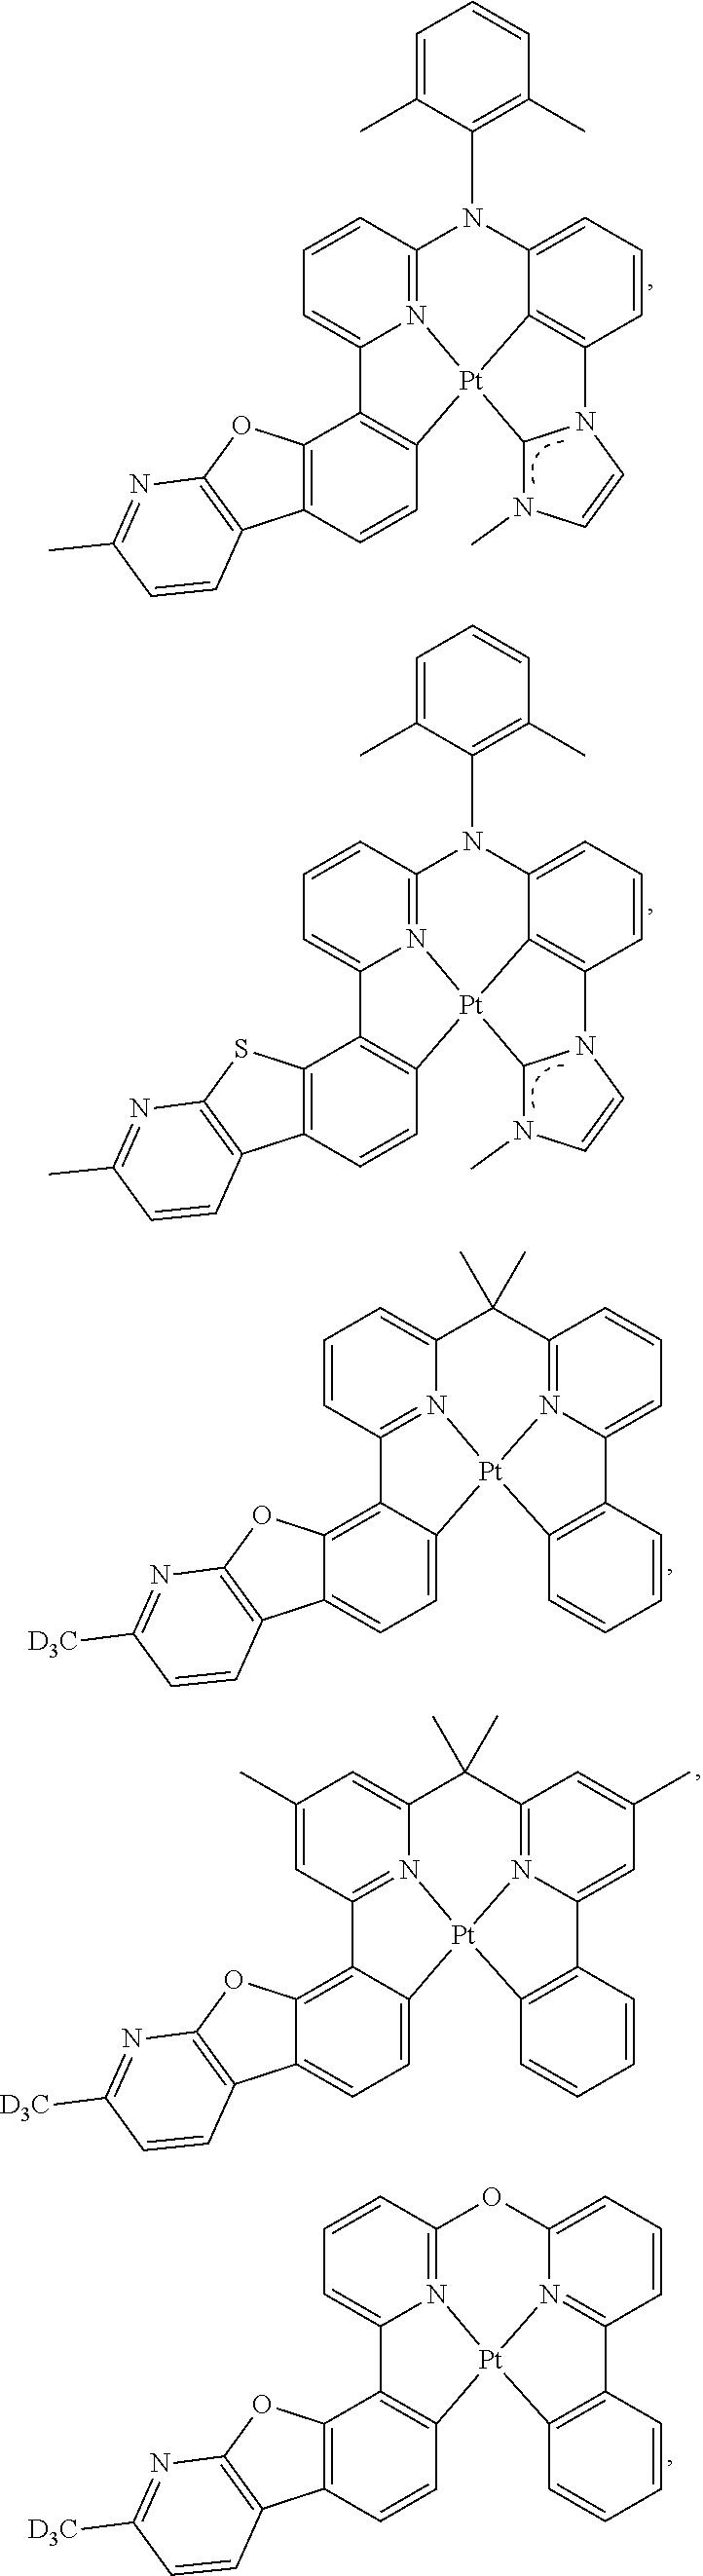 Figure US09871214-20180116-C00054